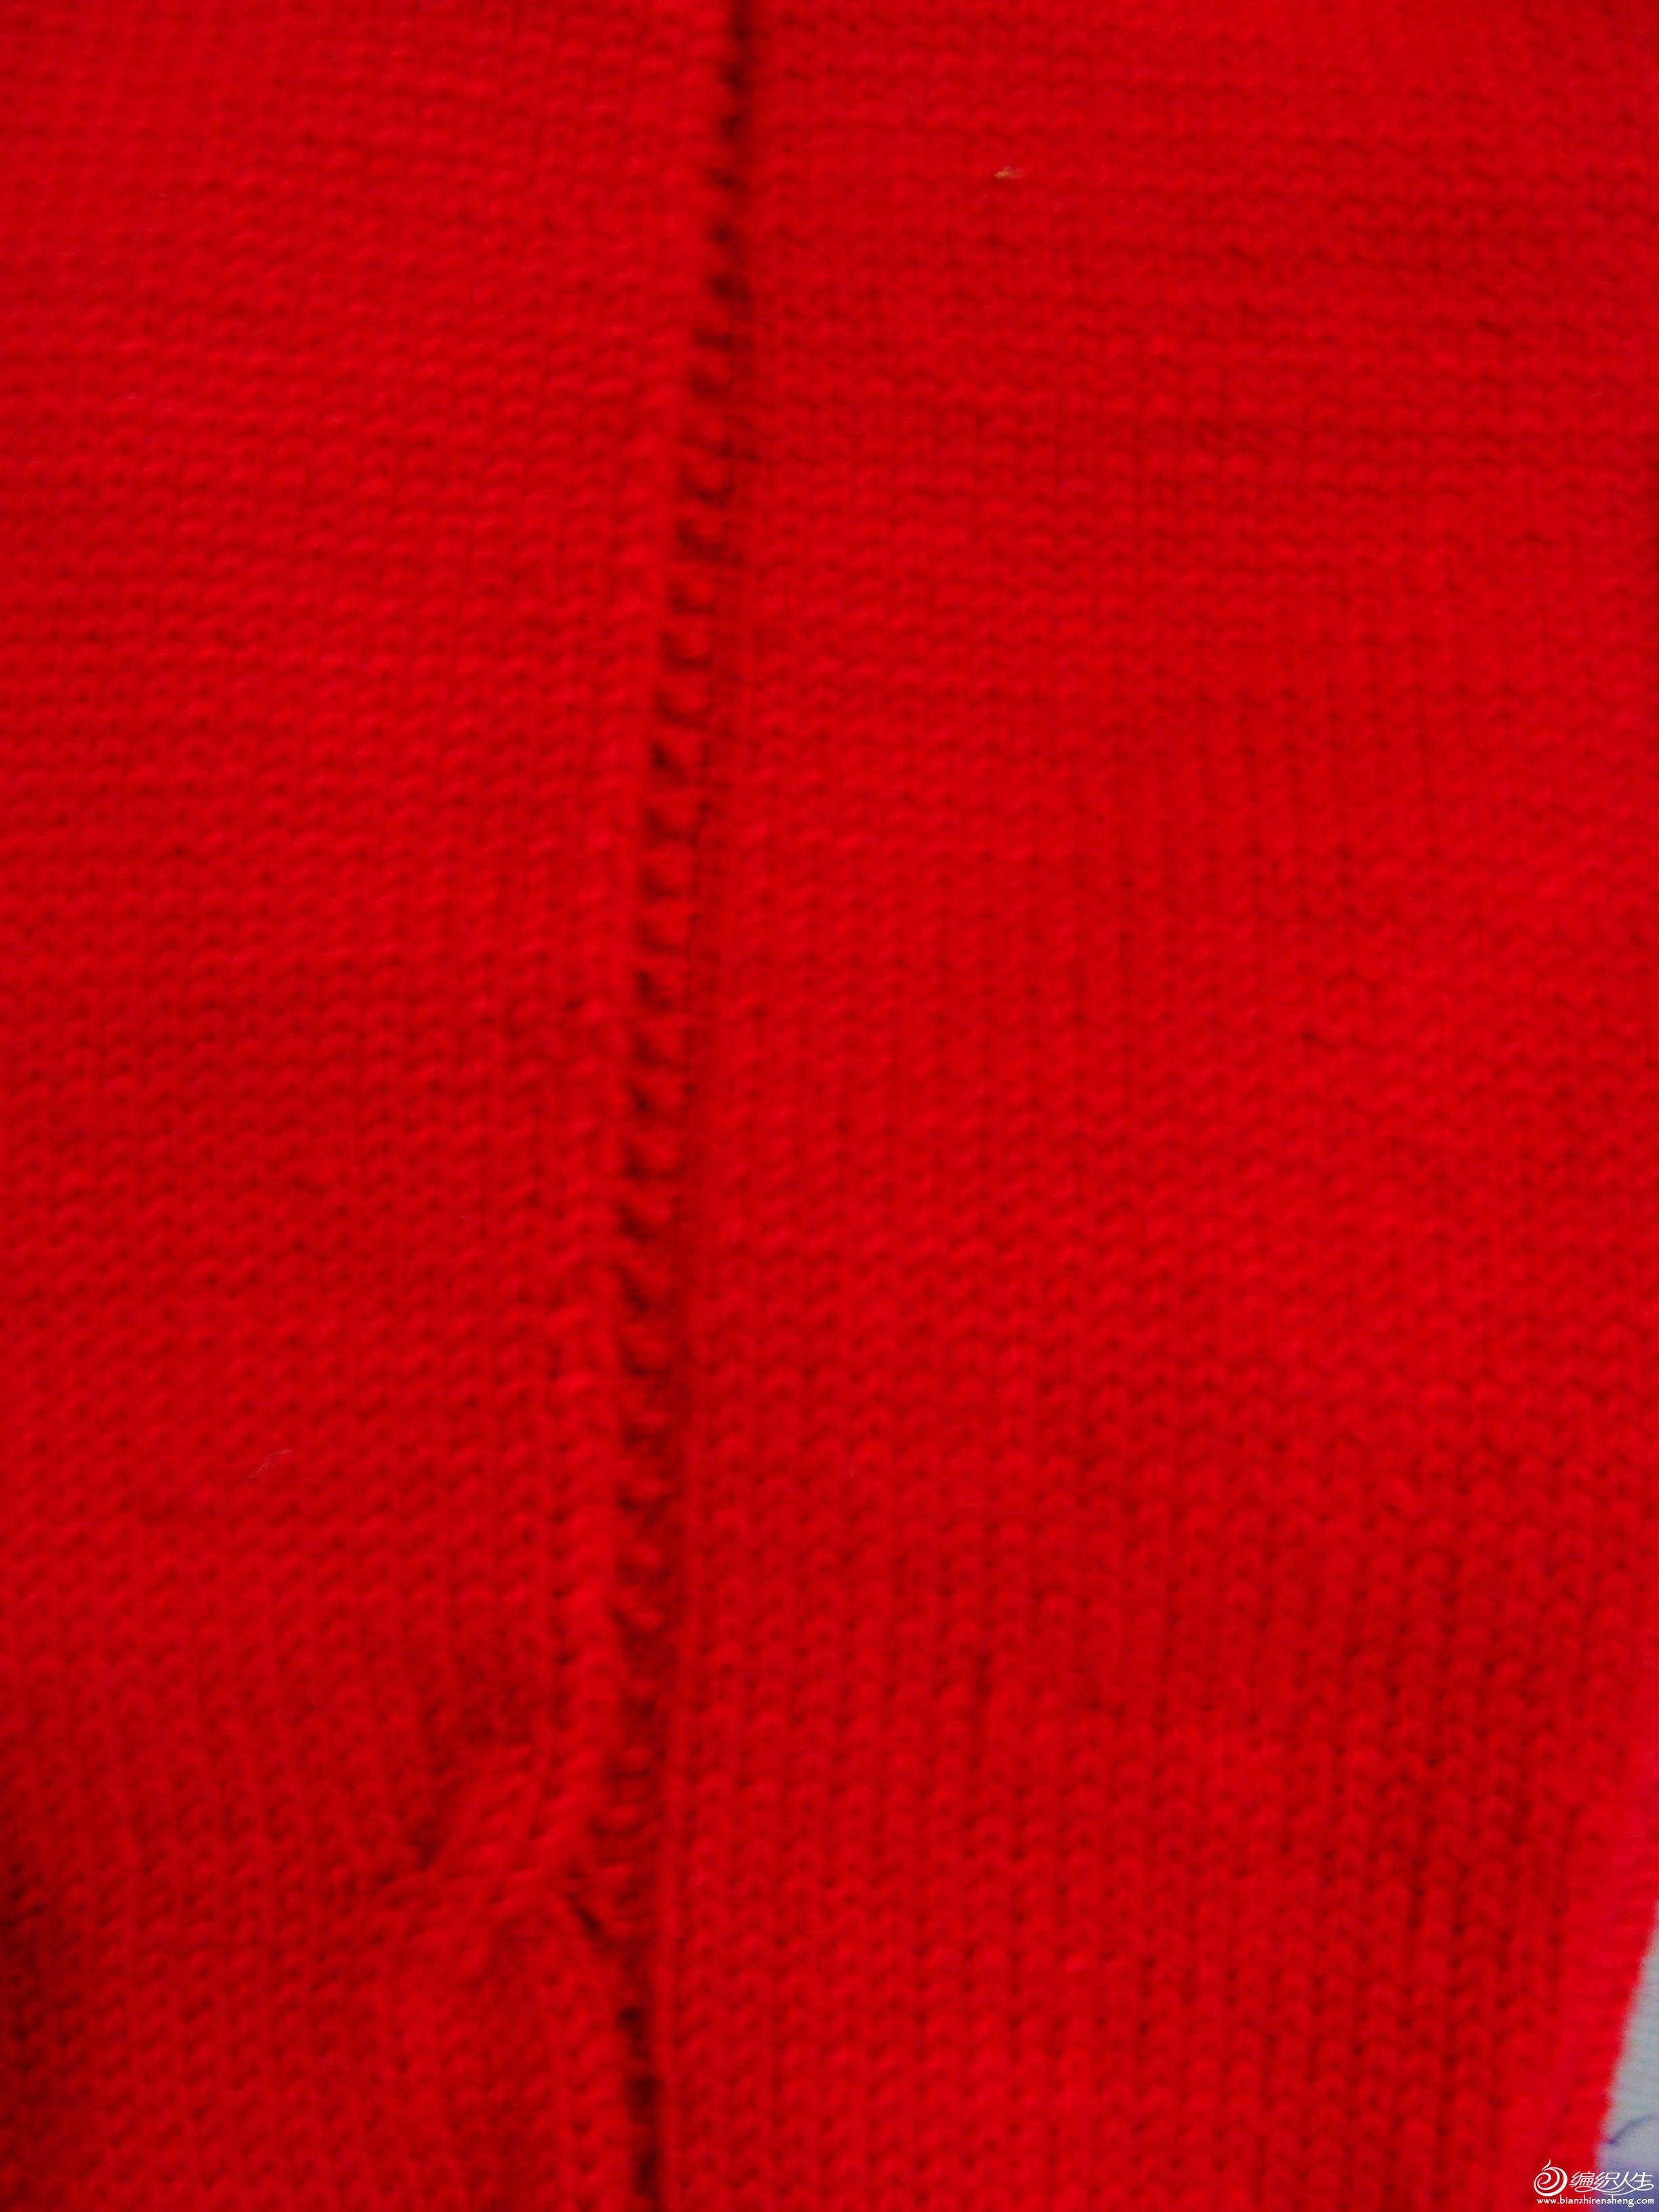 两边各留三针织裤缝,裤缝处是三针,第一行织一针上,一针下再一针上;第二行织三针都只上针,第三行同第一 ...